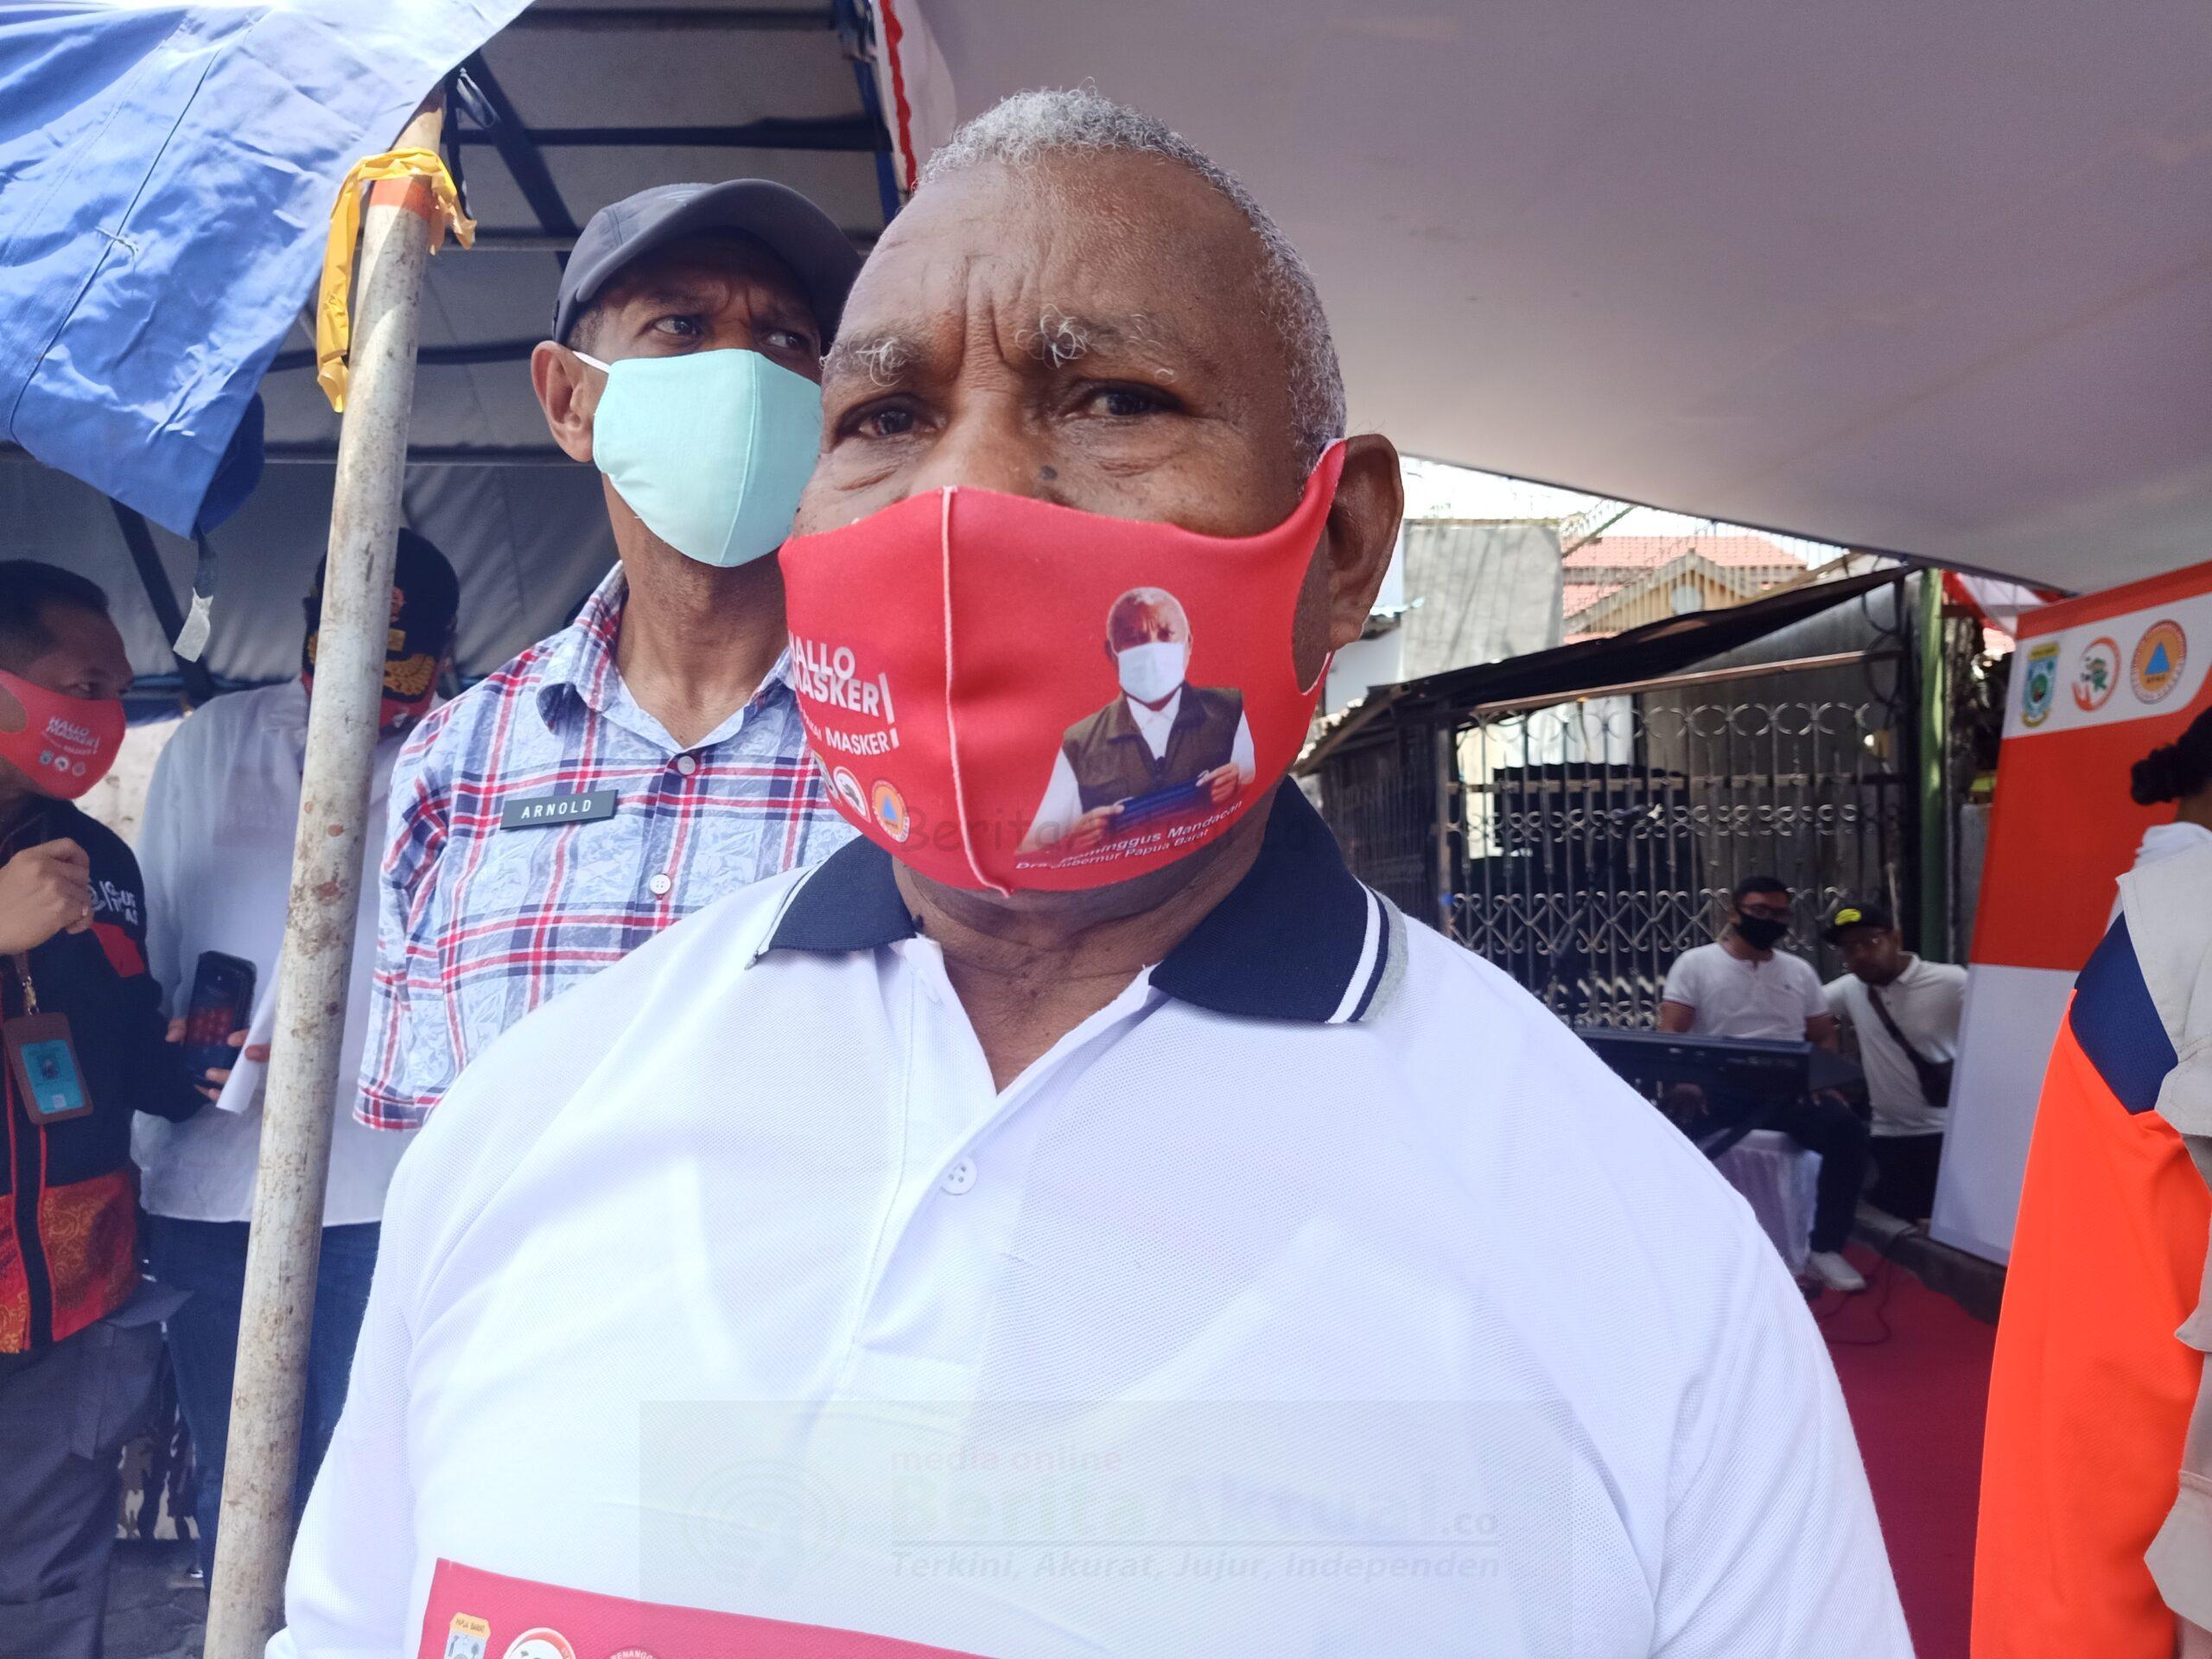 Pemprov Papua Barat Kembali Perpanjang WFH Sampai 23 November 2020 19 IMG20200911111201 1 scaled